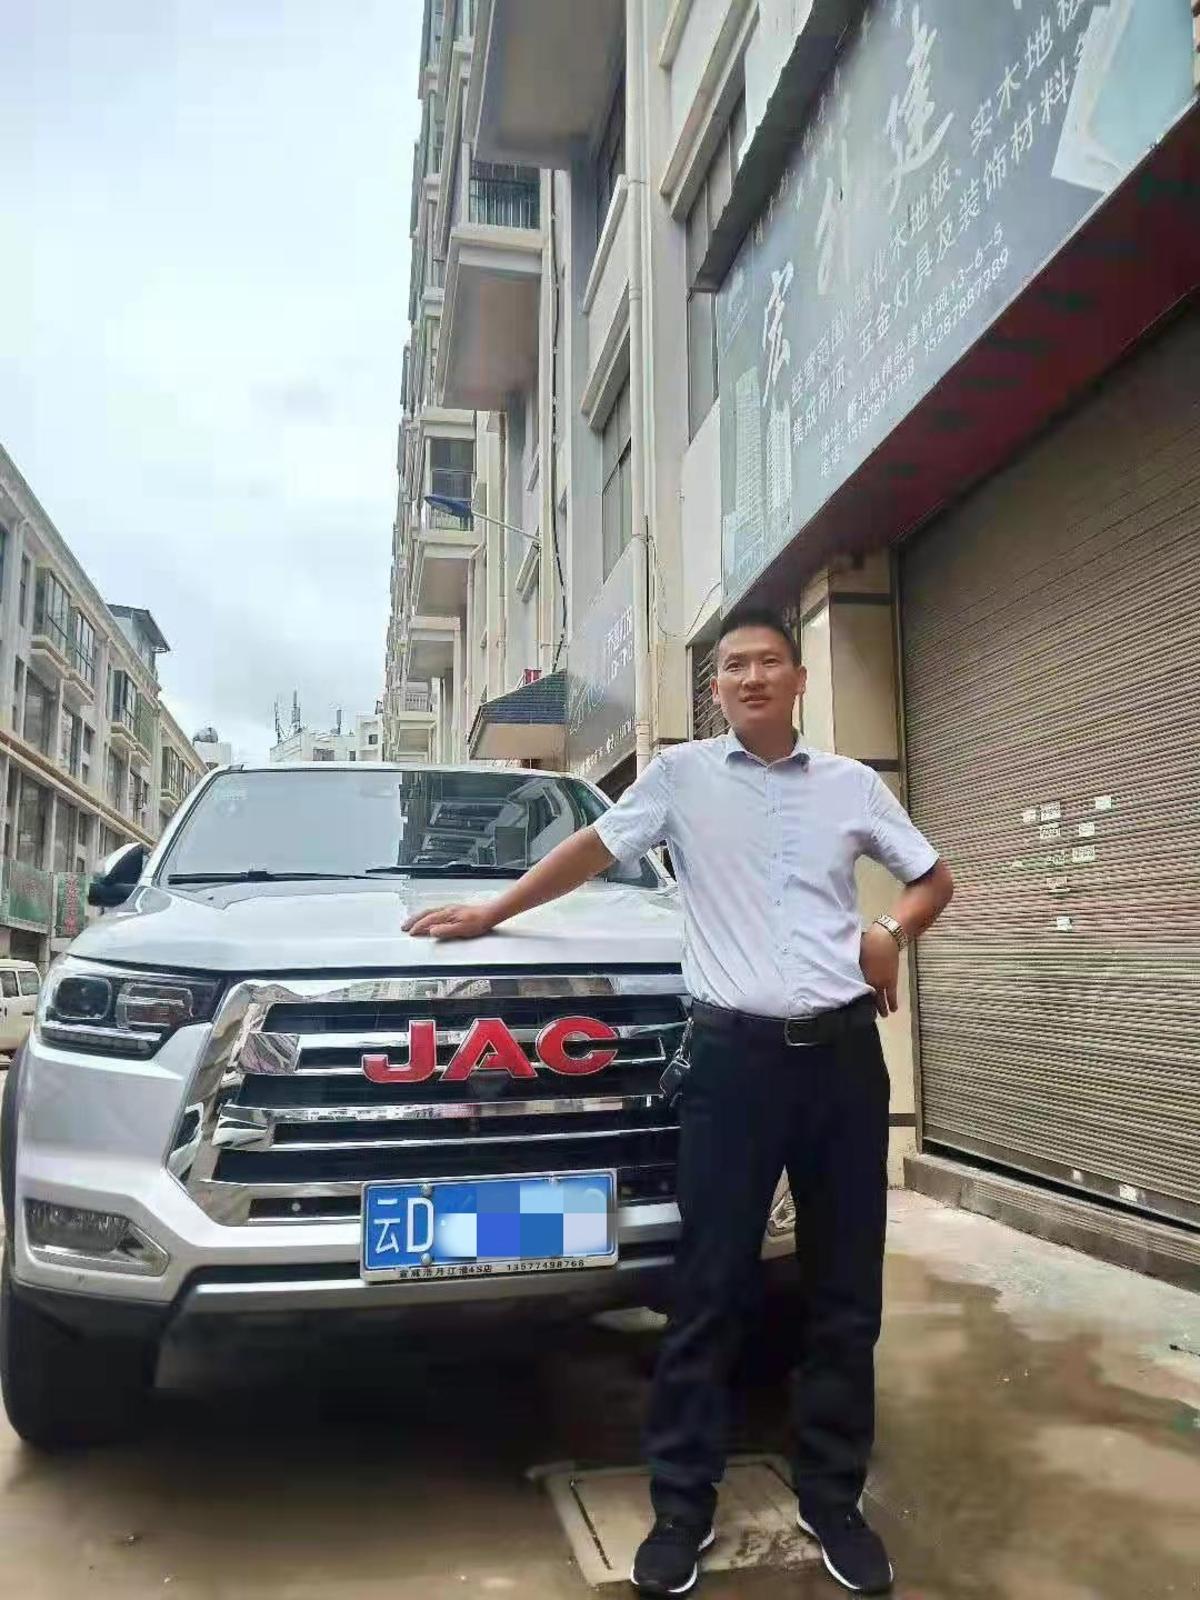 偶遇江淮T8皮卡云南熊老板把生意越做越大